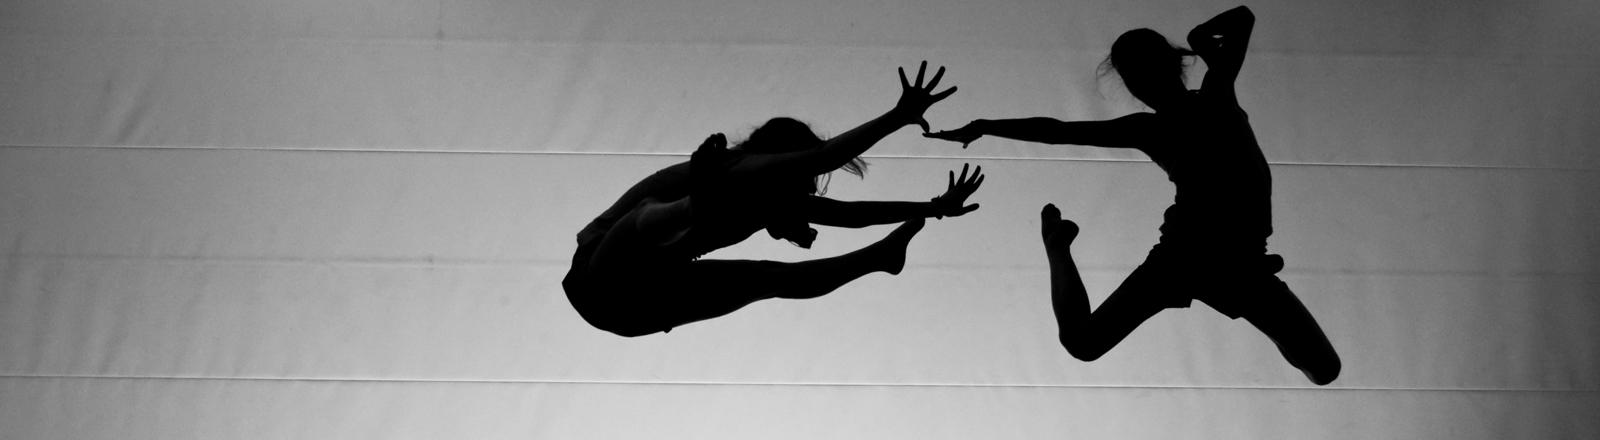 Zwei Menschen springen hinter einer Leinwand in die Luft.